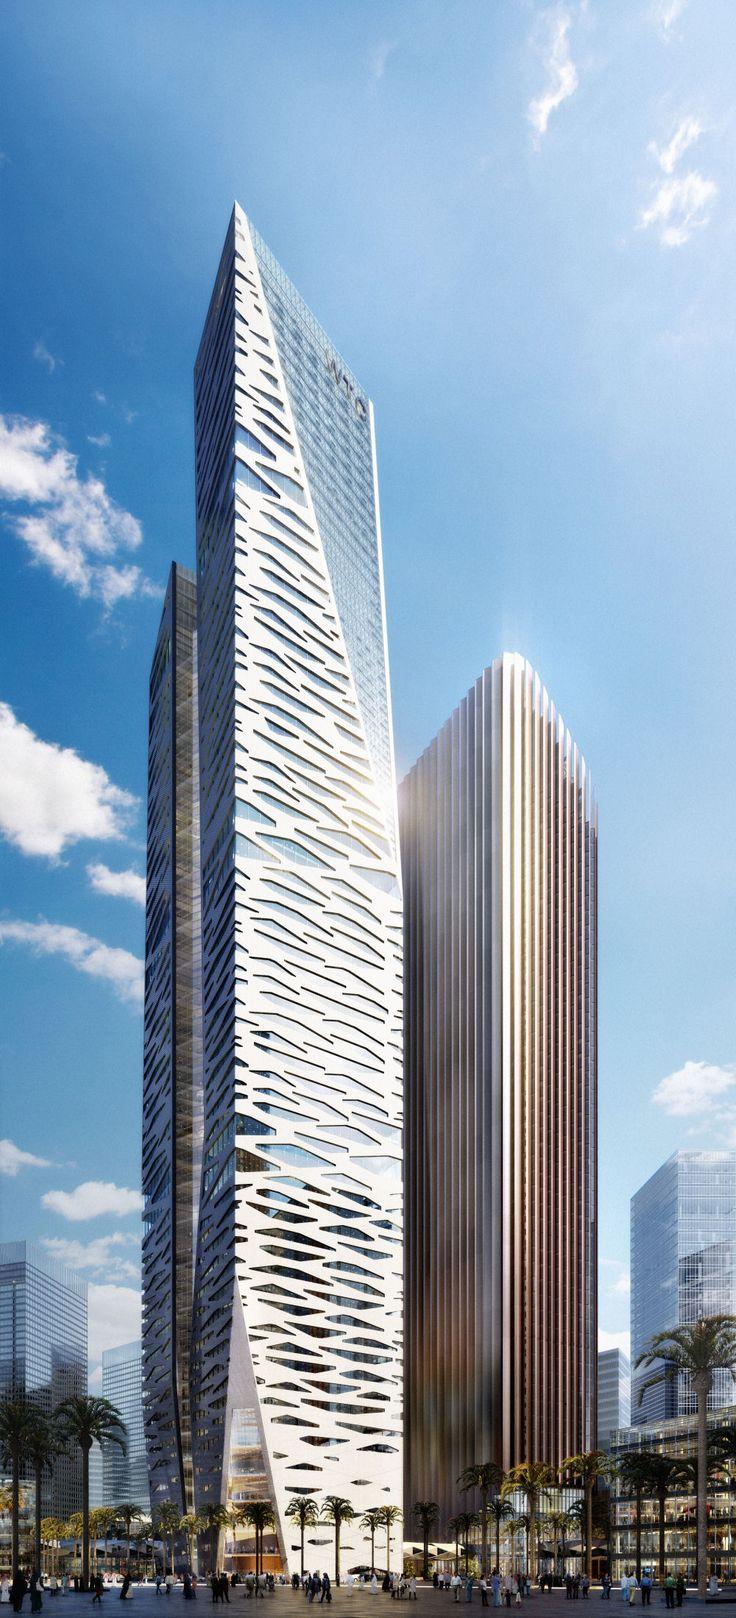 King Abdullah Financial District Parcel Plot 1.15 | Gensler - Riyadh, Saudi Arabia